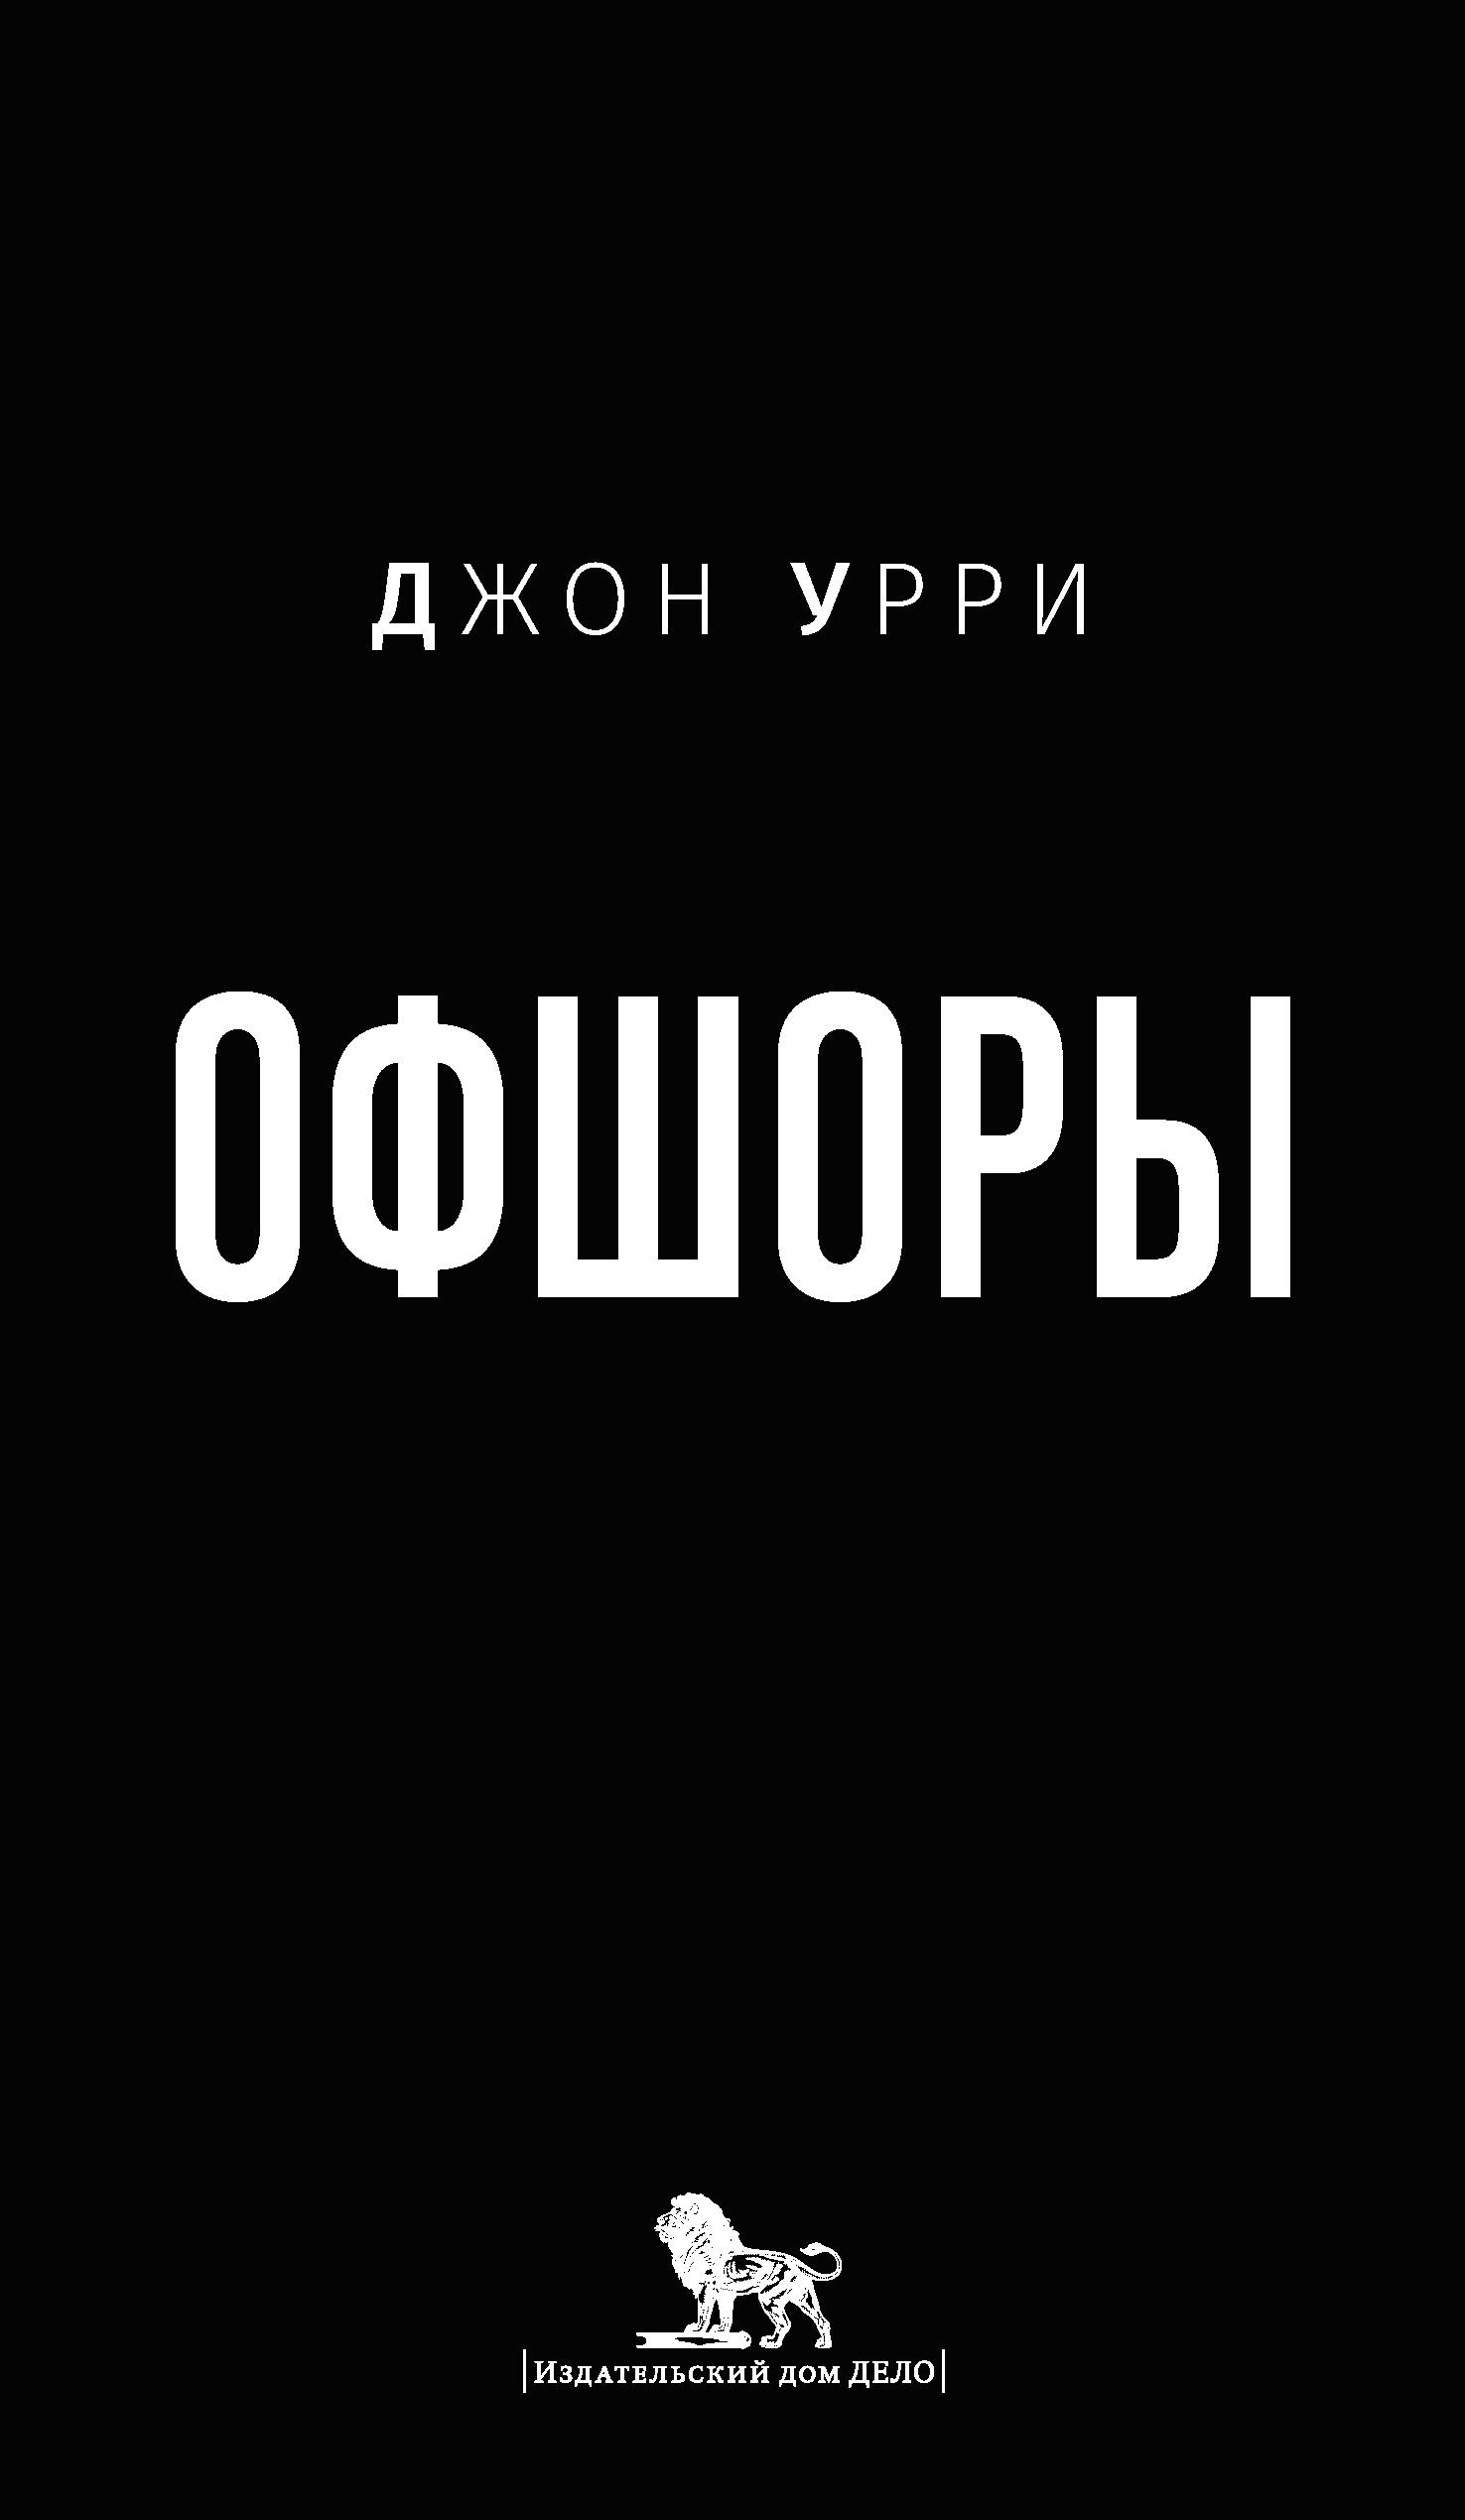 Офшоры